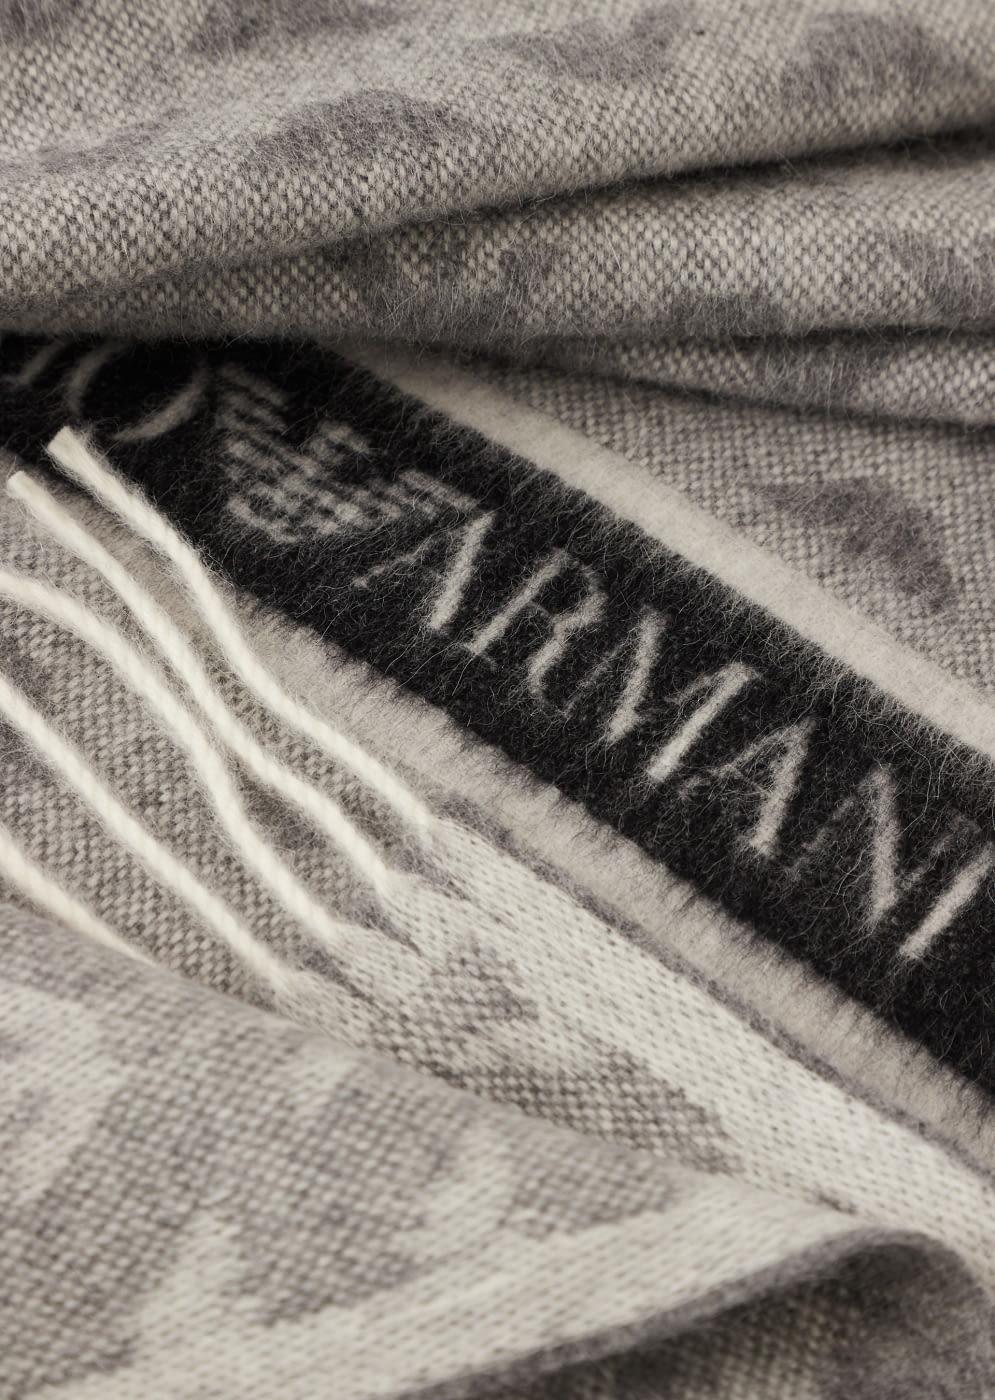 EMPORIO ARMANI foulard en lana gris con logotipo  de águila